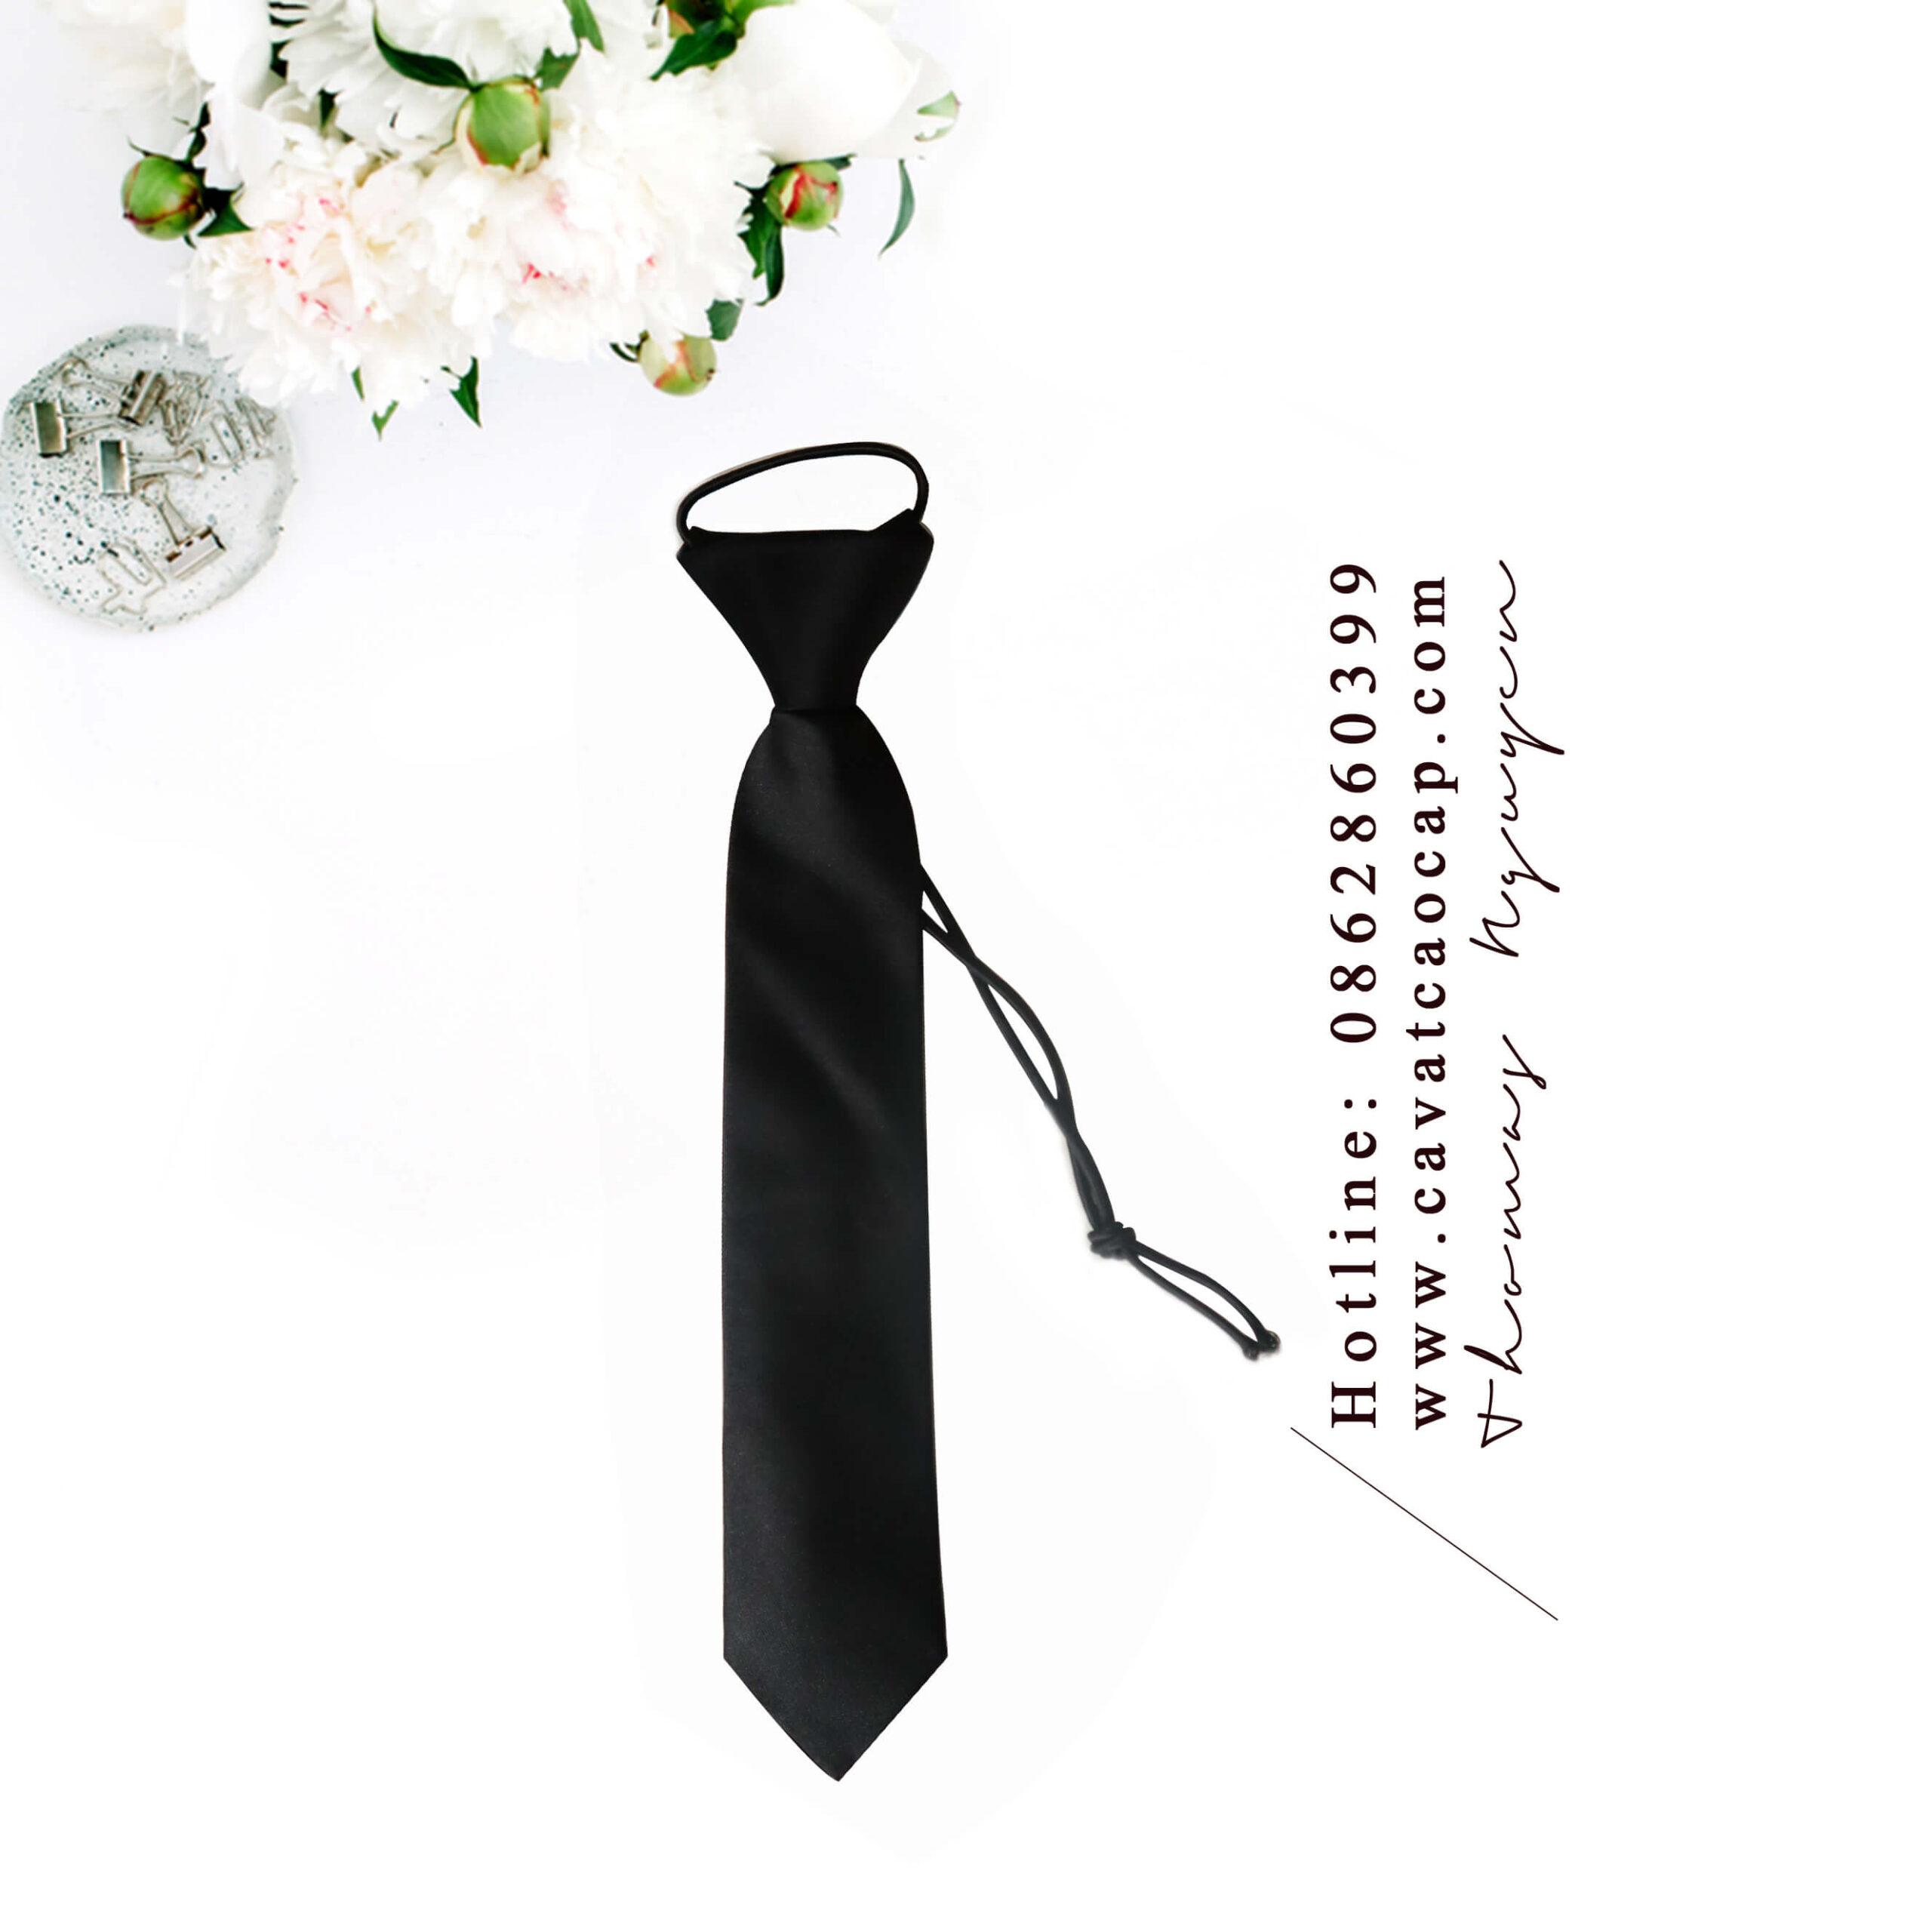 Cà vạt thắt sẵn Thomas Nguyen